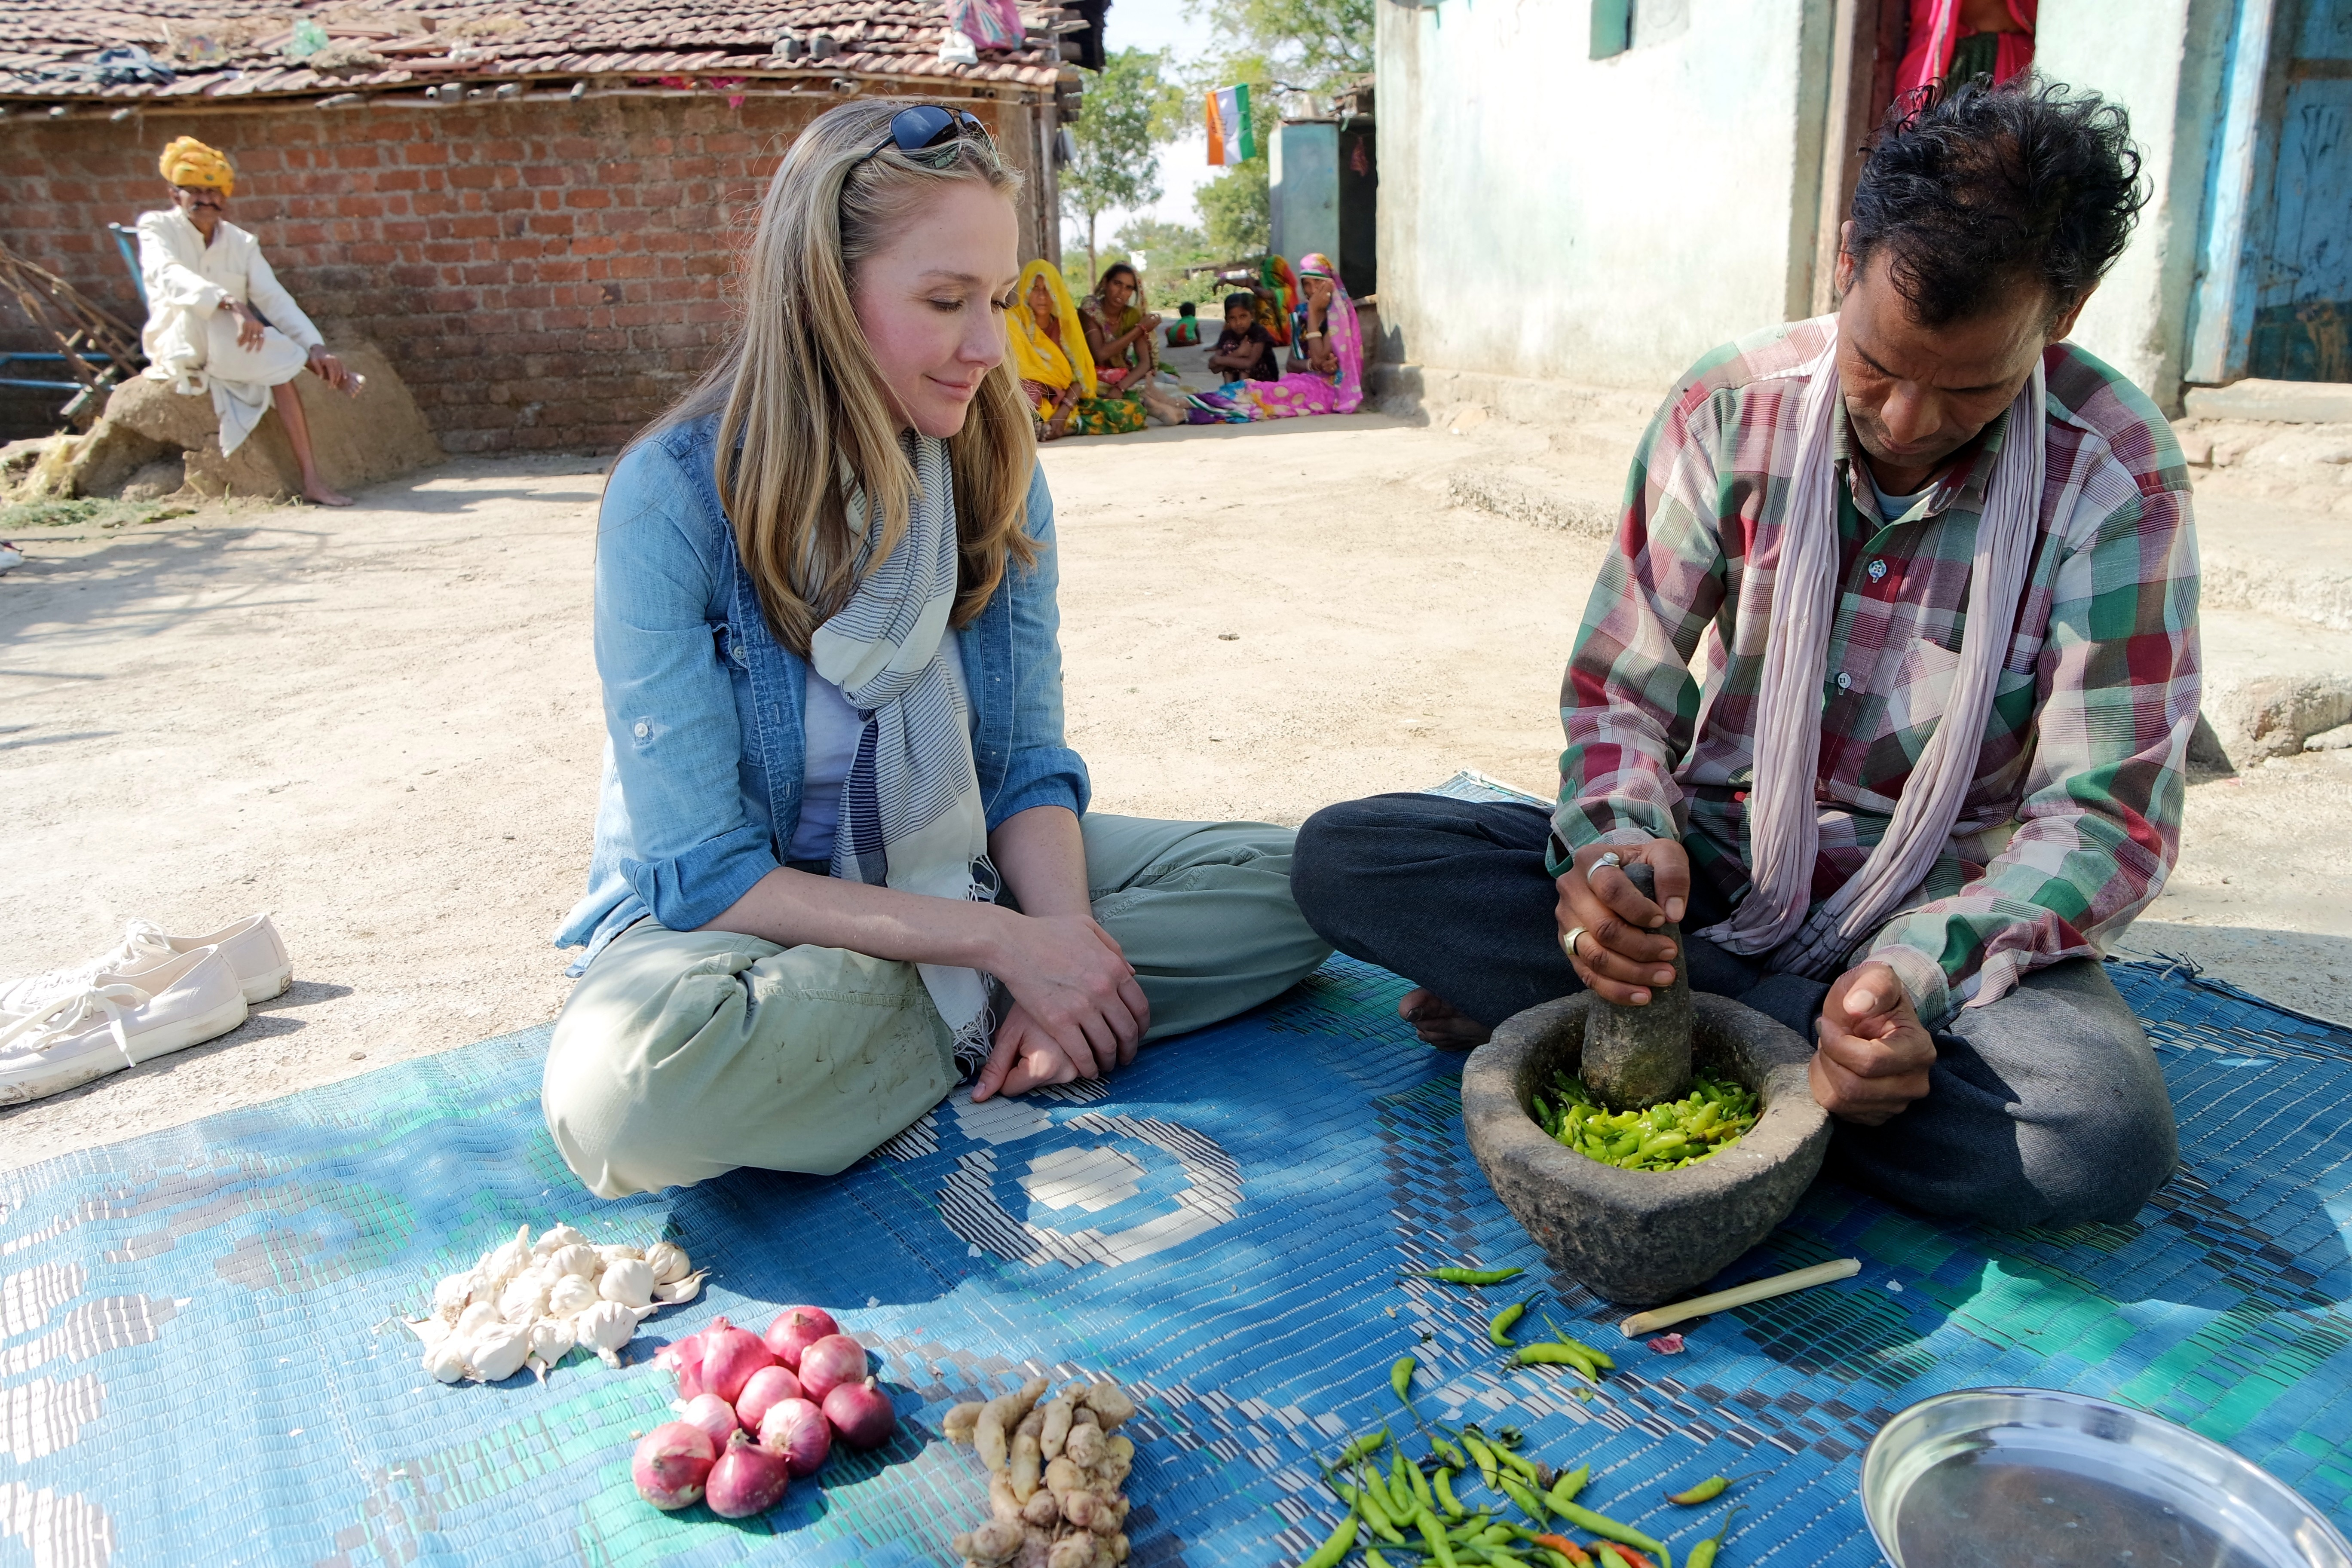 Alexandra Cousteau com o fazendeiro Ter Singh preparando pesticida orgânico (Foto: Mirella Pappalardo/Divulgação)